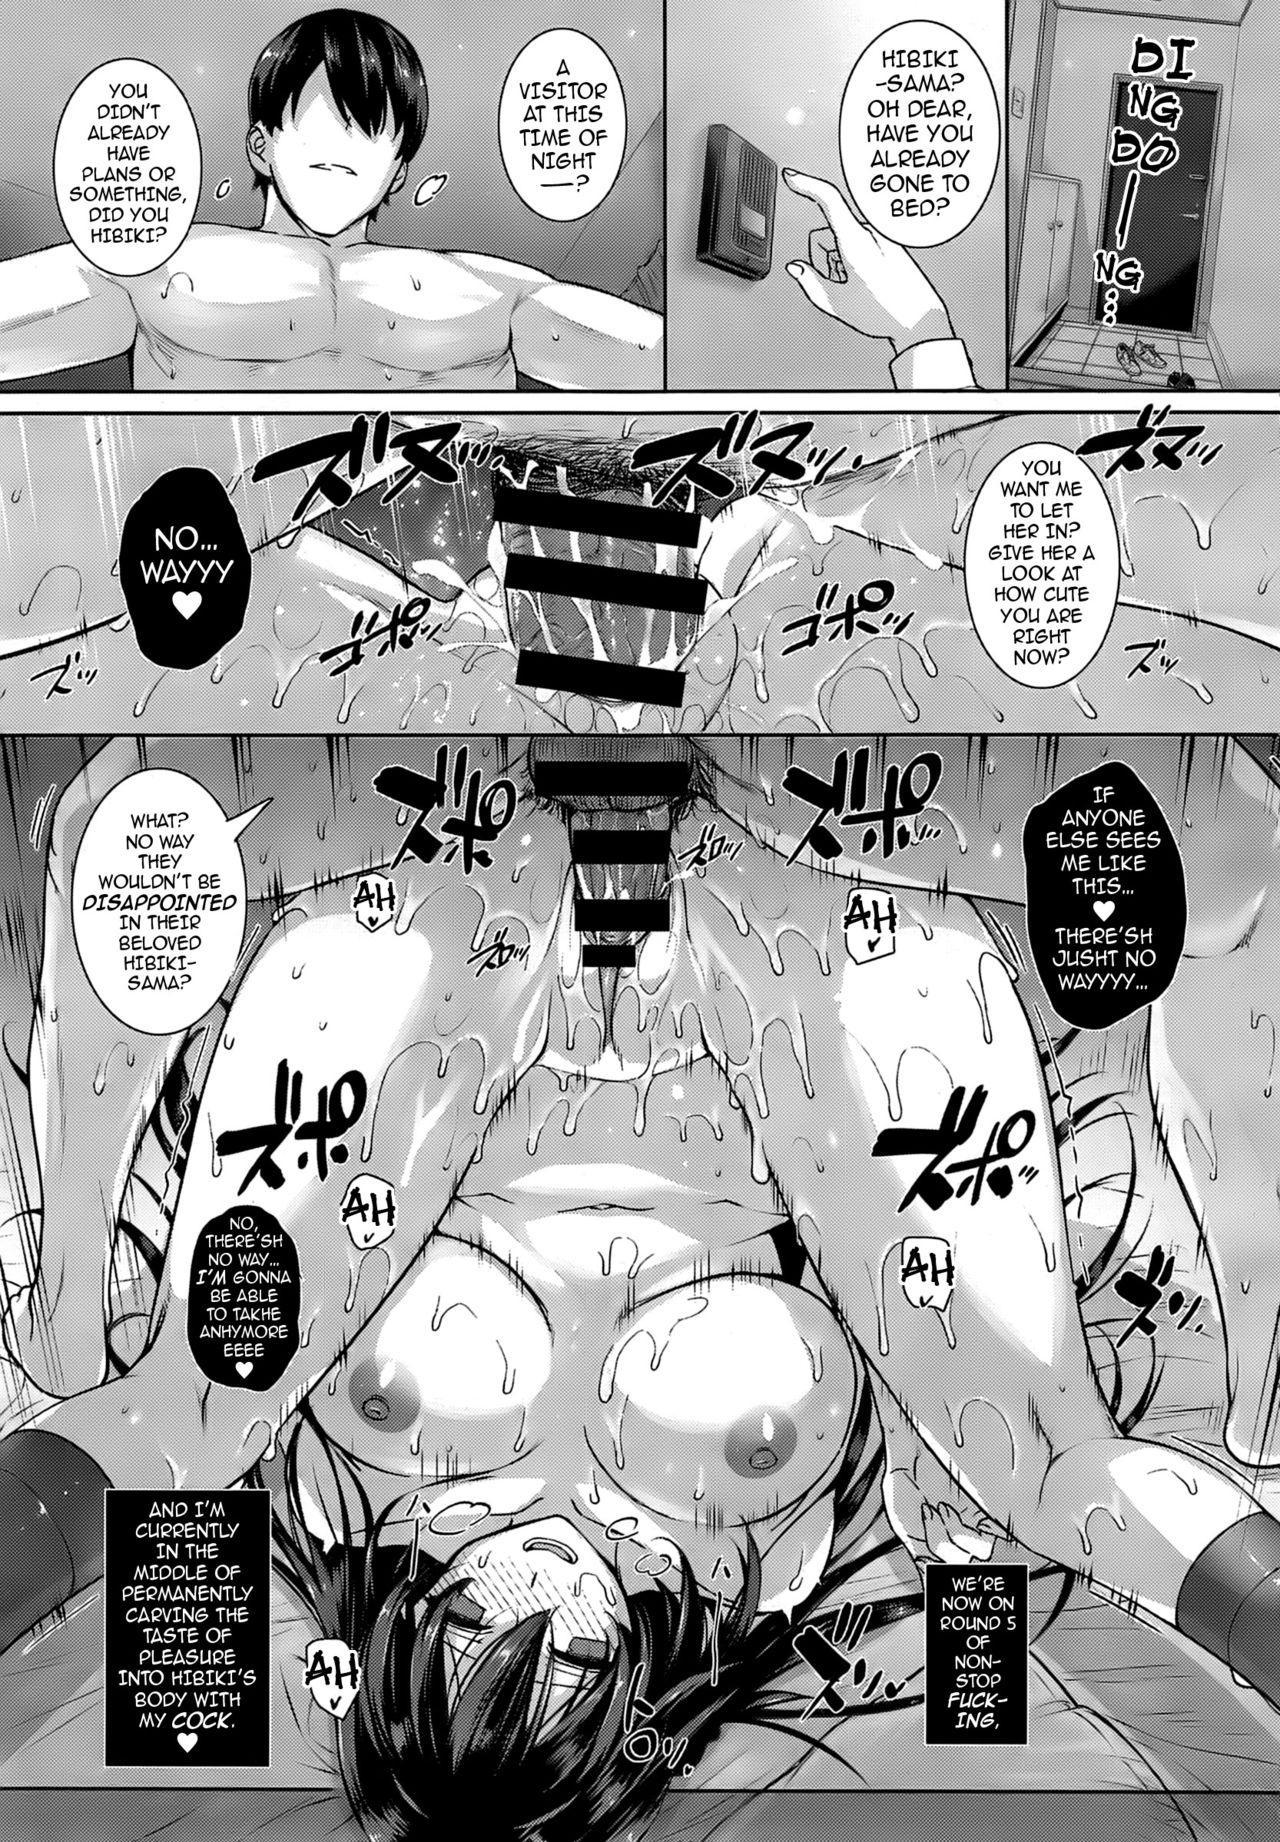 [Katsurai Yoshiaki] Amatsuka Gakuen no Ryoukan Seikatsu | Angel Academy's Hardcore Dorm Sex Life 1-2, 4-8 [English] {darknight} [Digital] 25